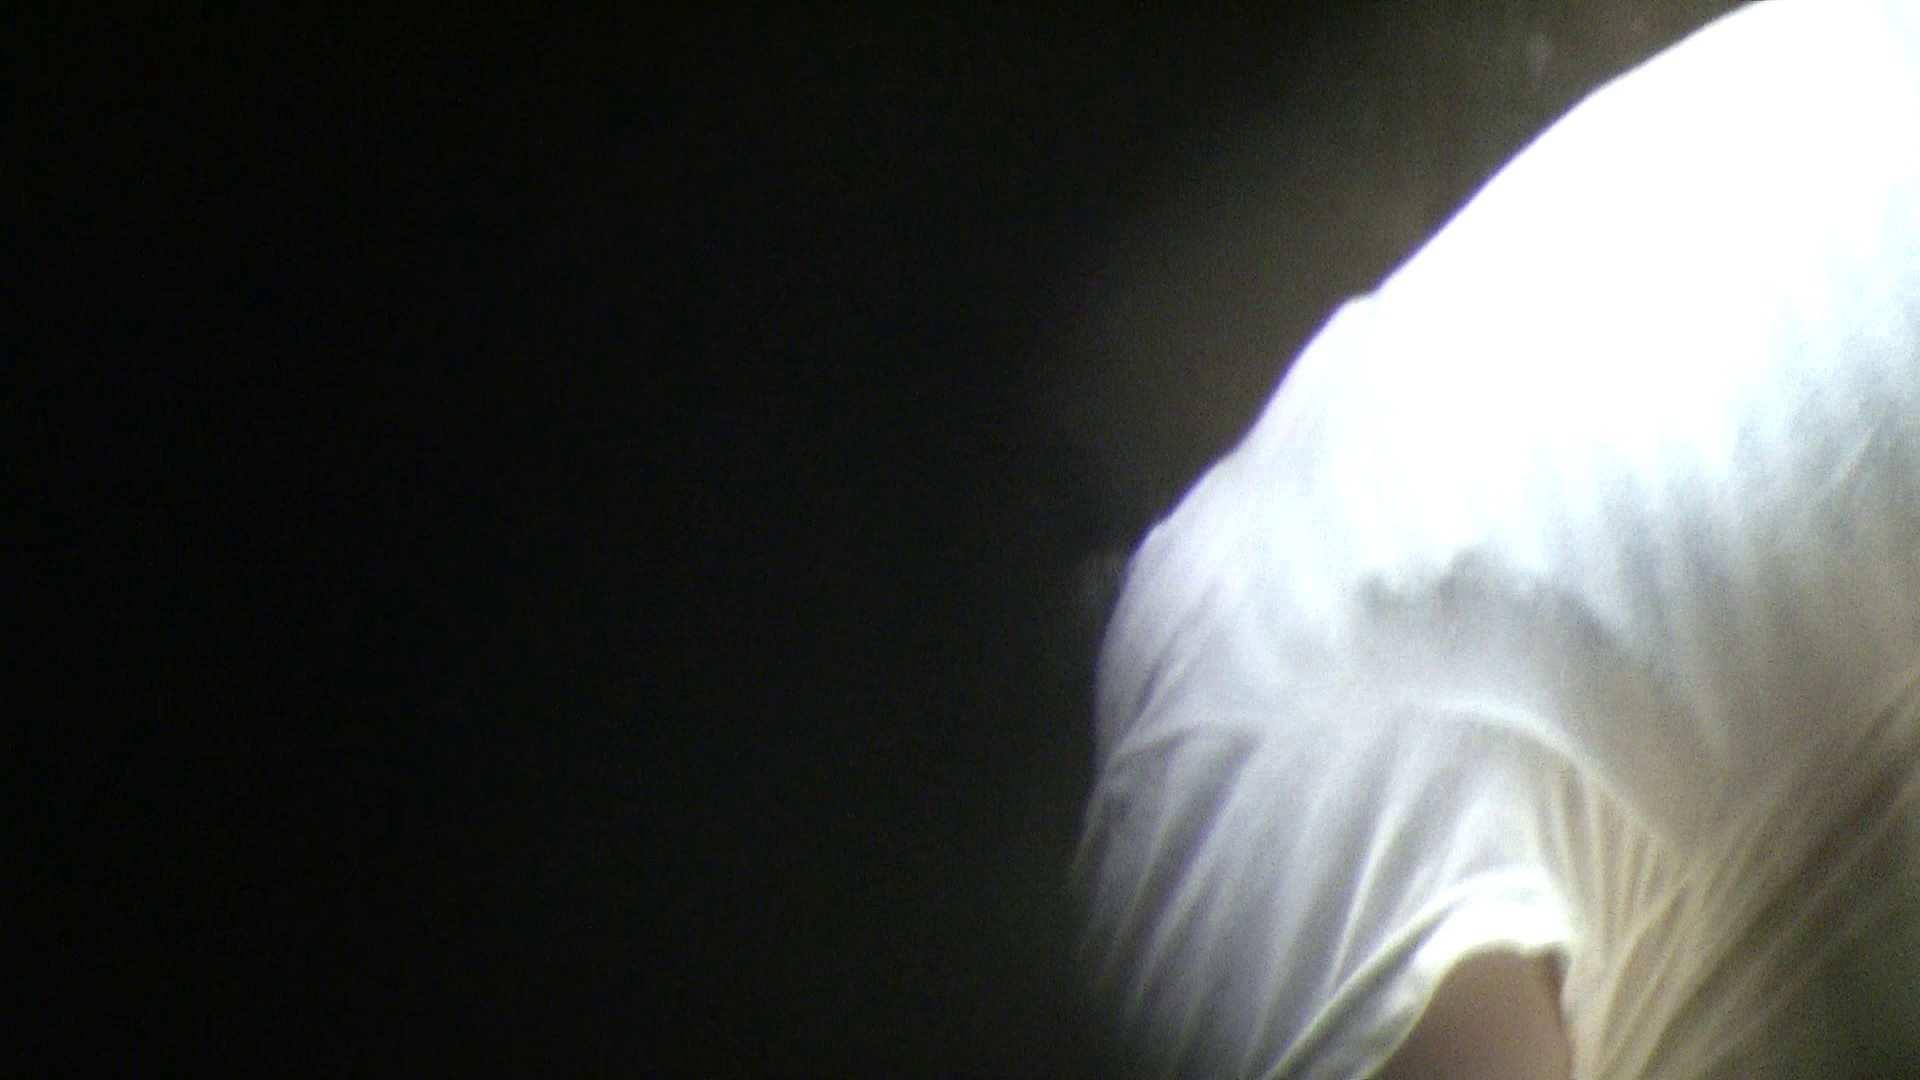 NO.07 短いのでサービス 臨場感をお楽しみください!! シャワー室  78画像 15